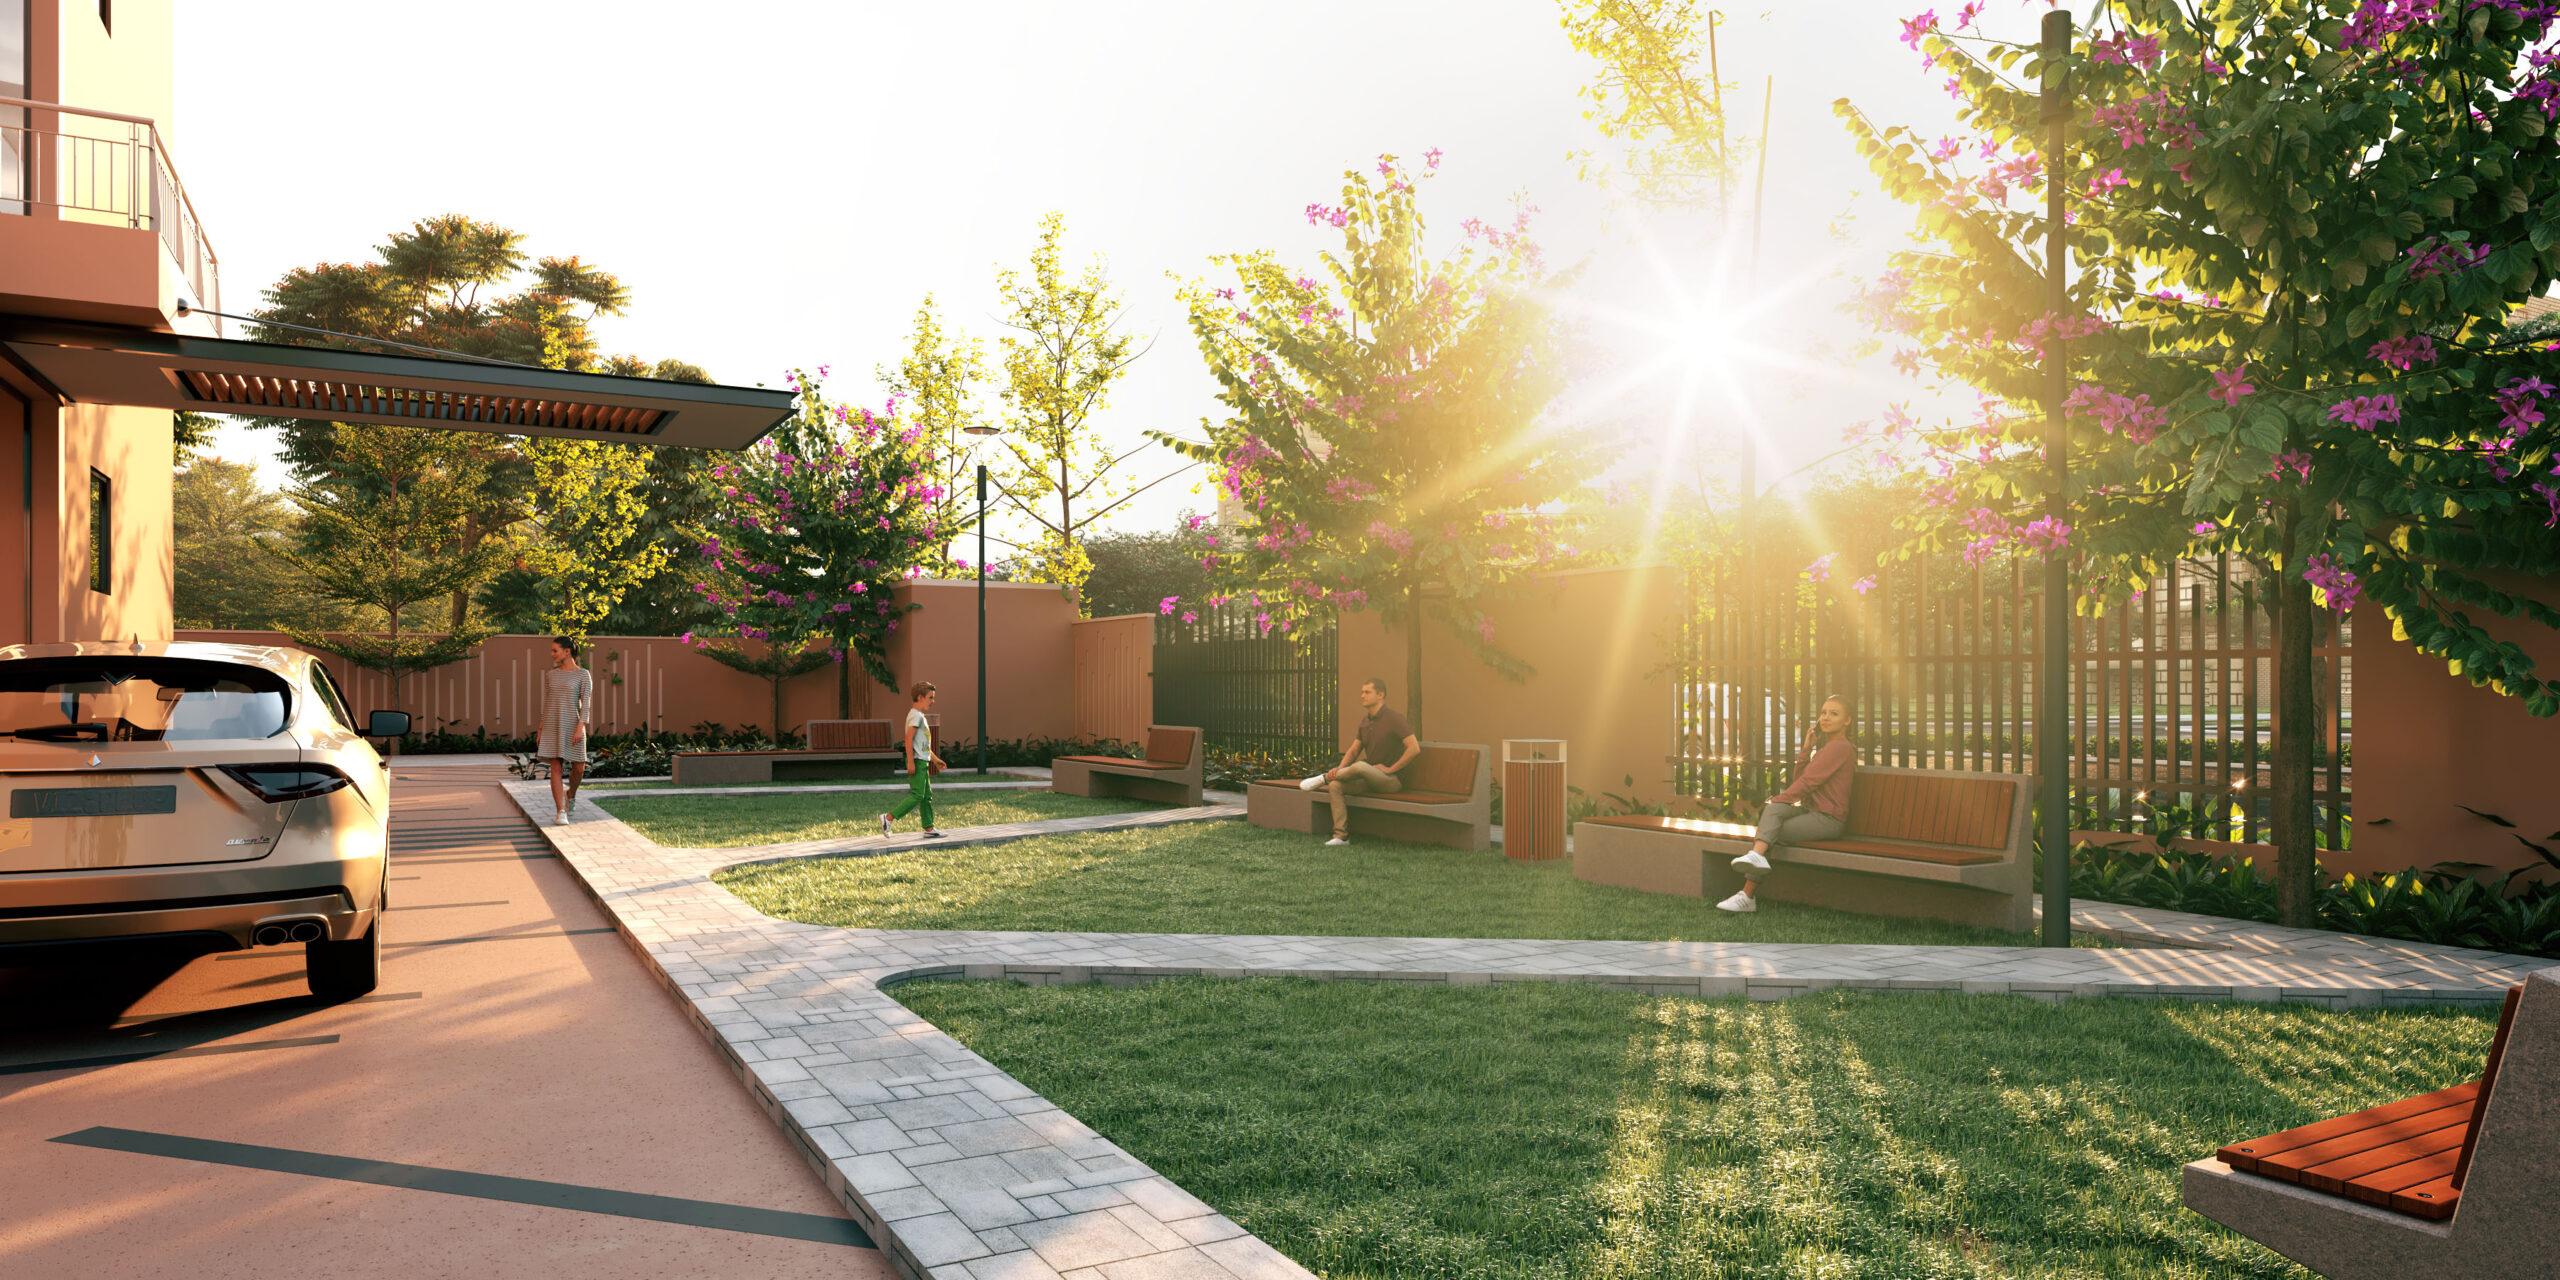 exterior 3d rendering home garden